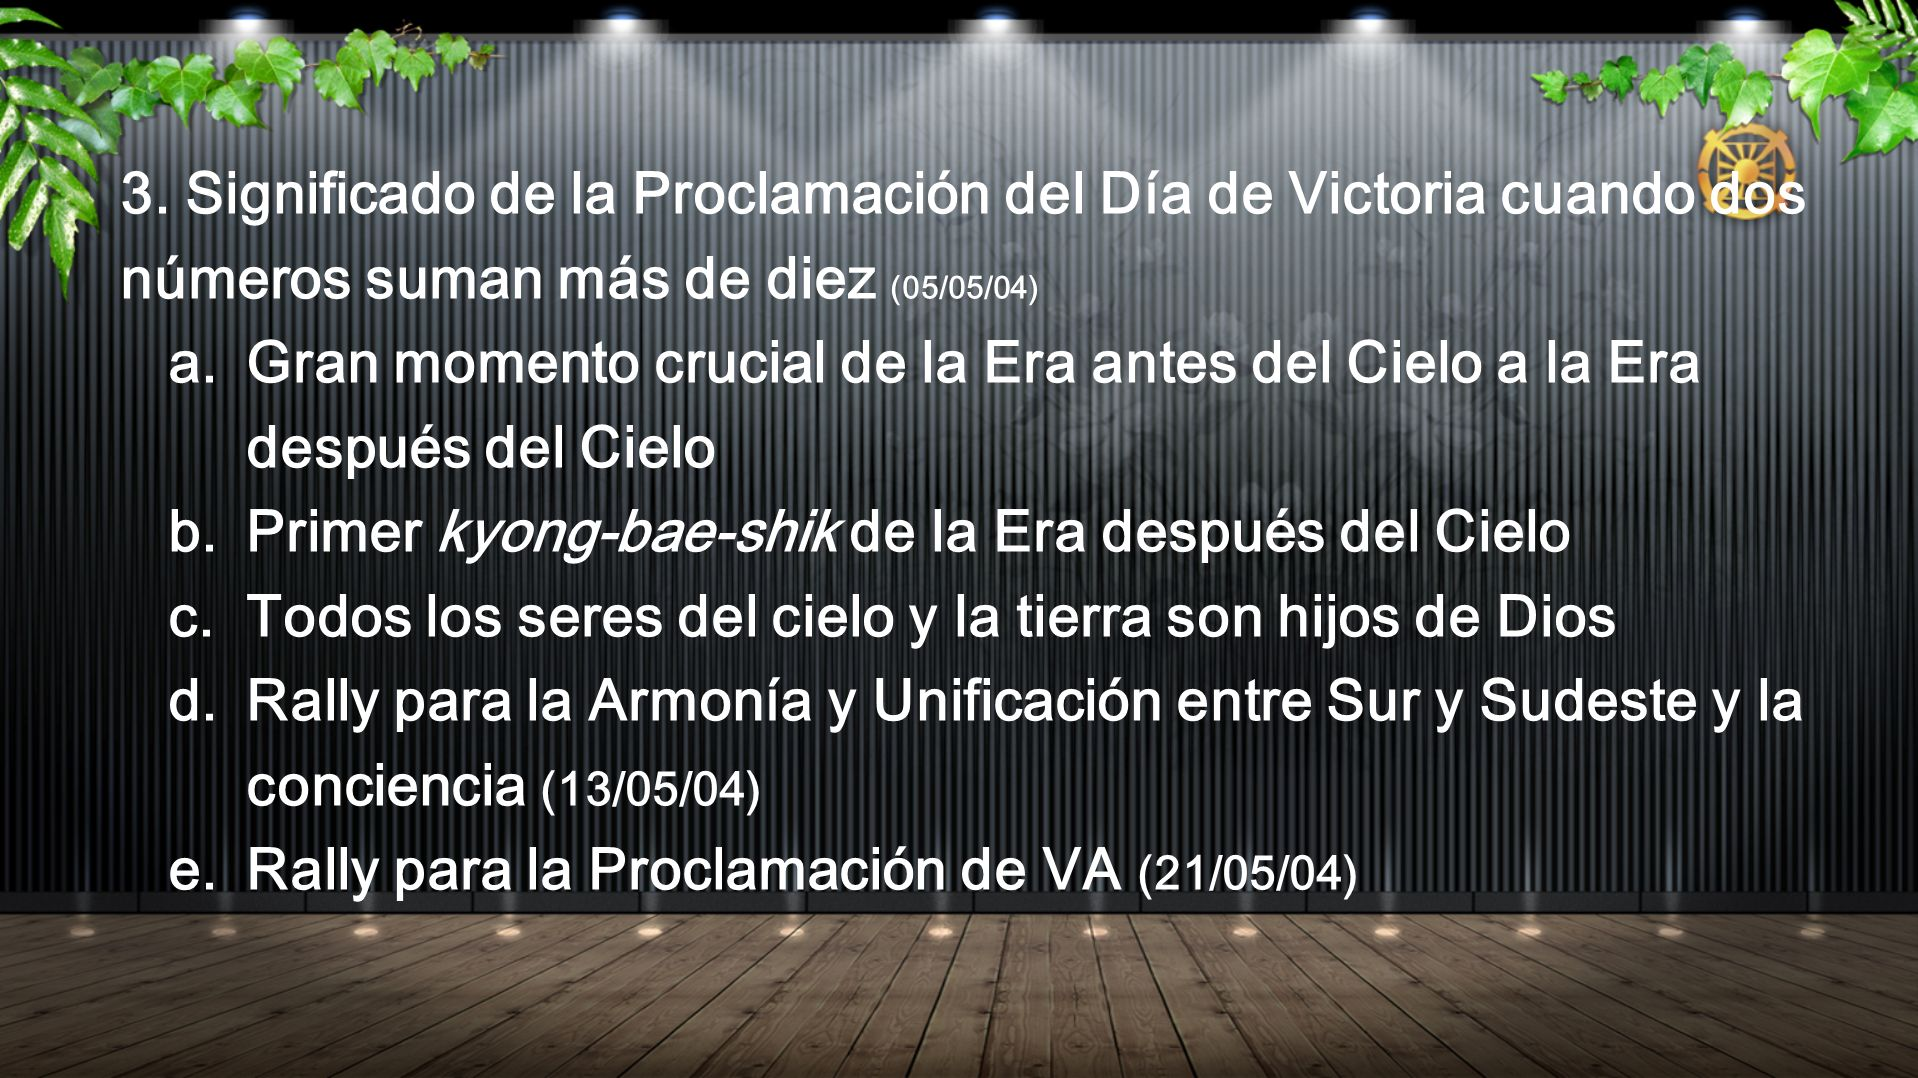 3. Significado de la Proclamación del Día de Victoria cuando dos números suman más de diez (05/05/04)